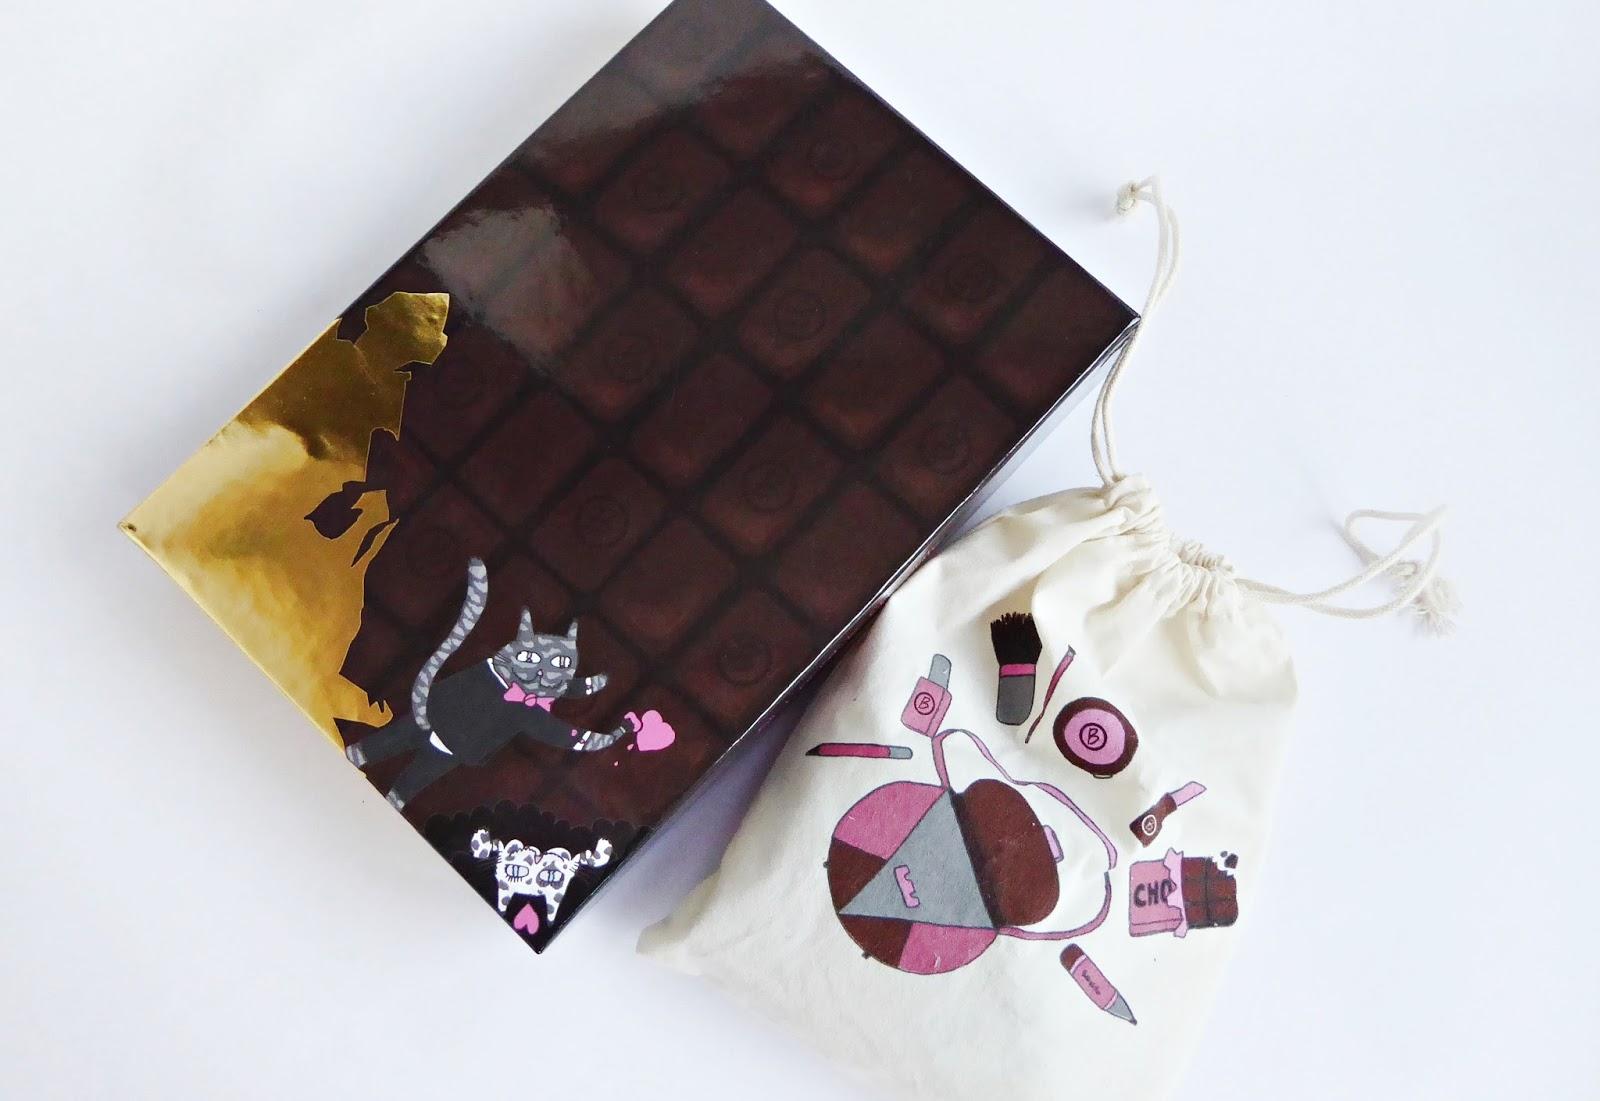 My chocolate crush, la beautiful box de noviembre